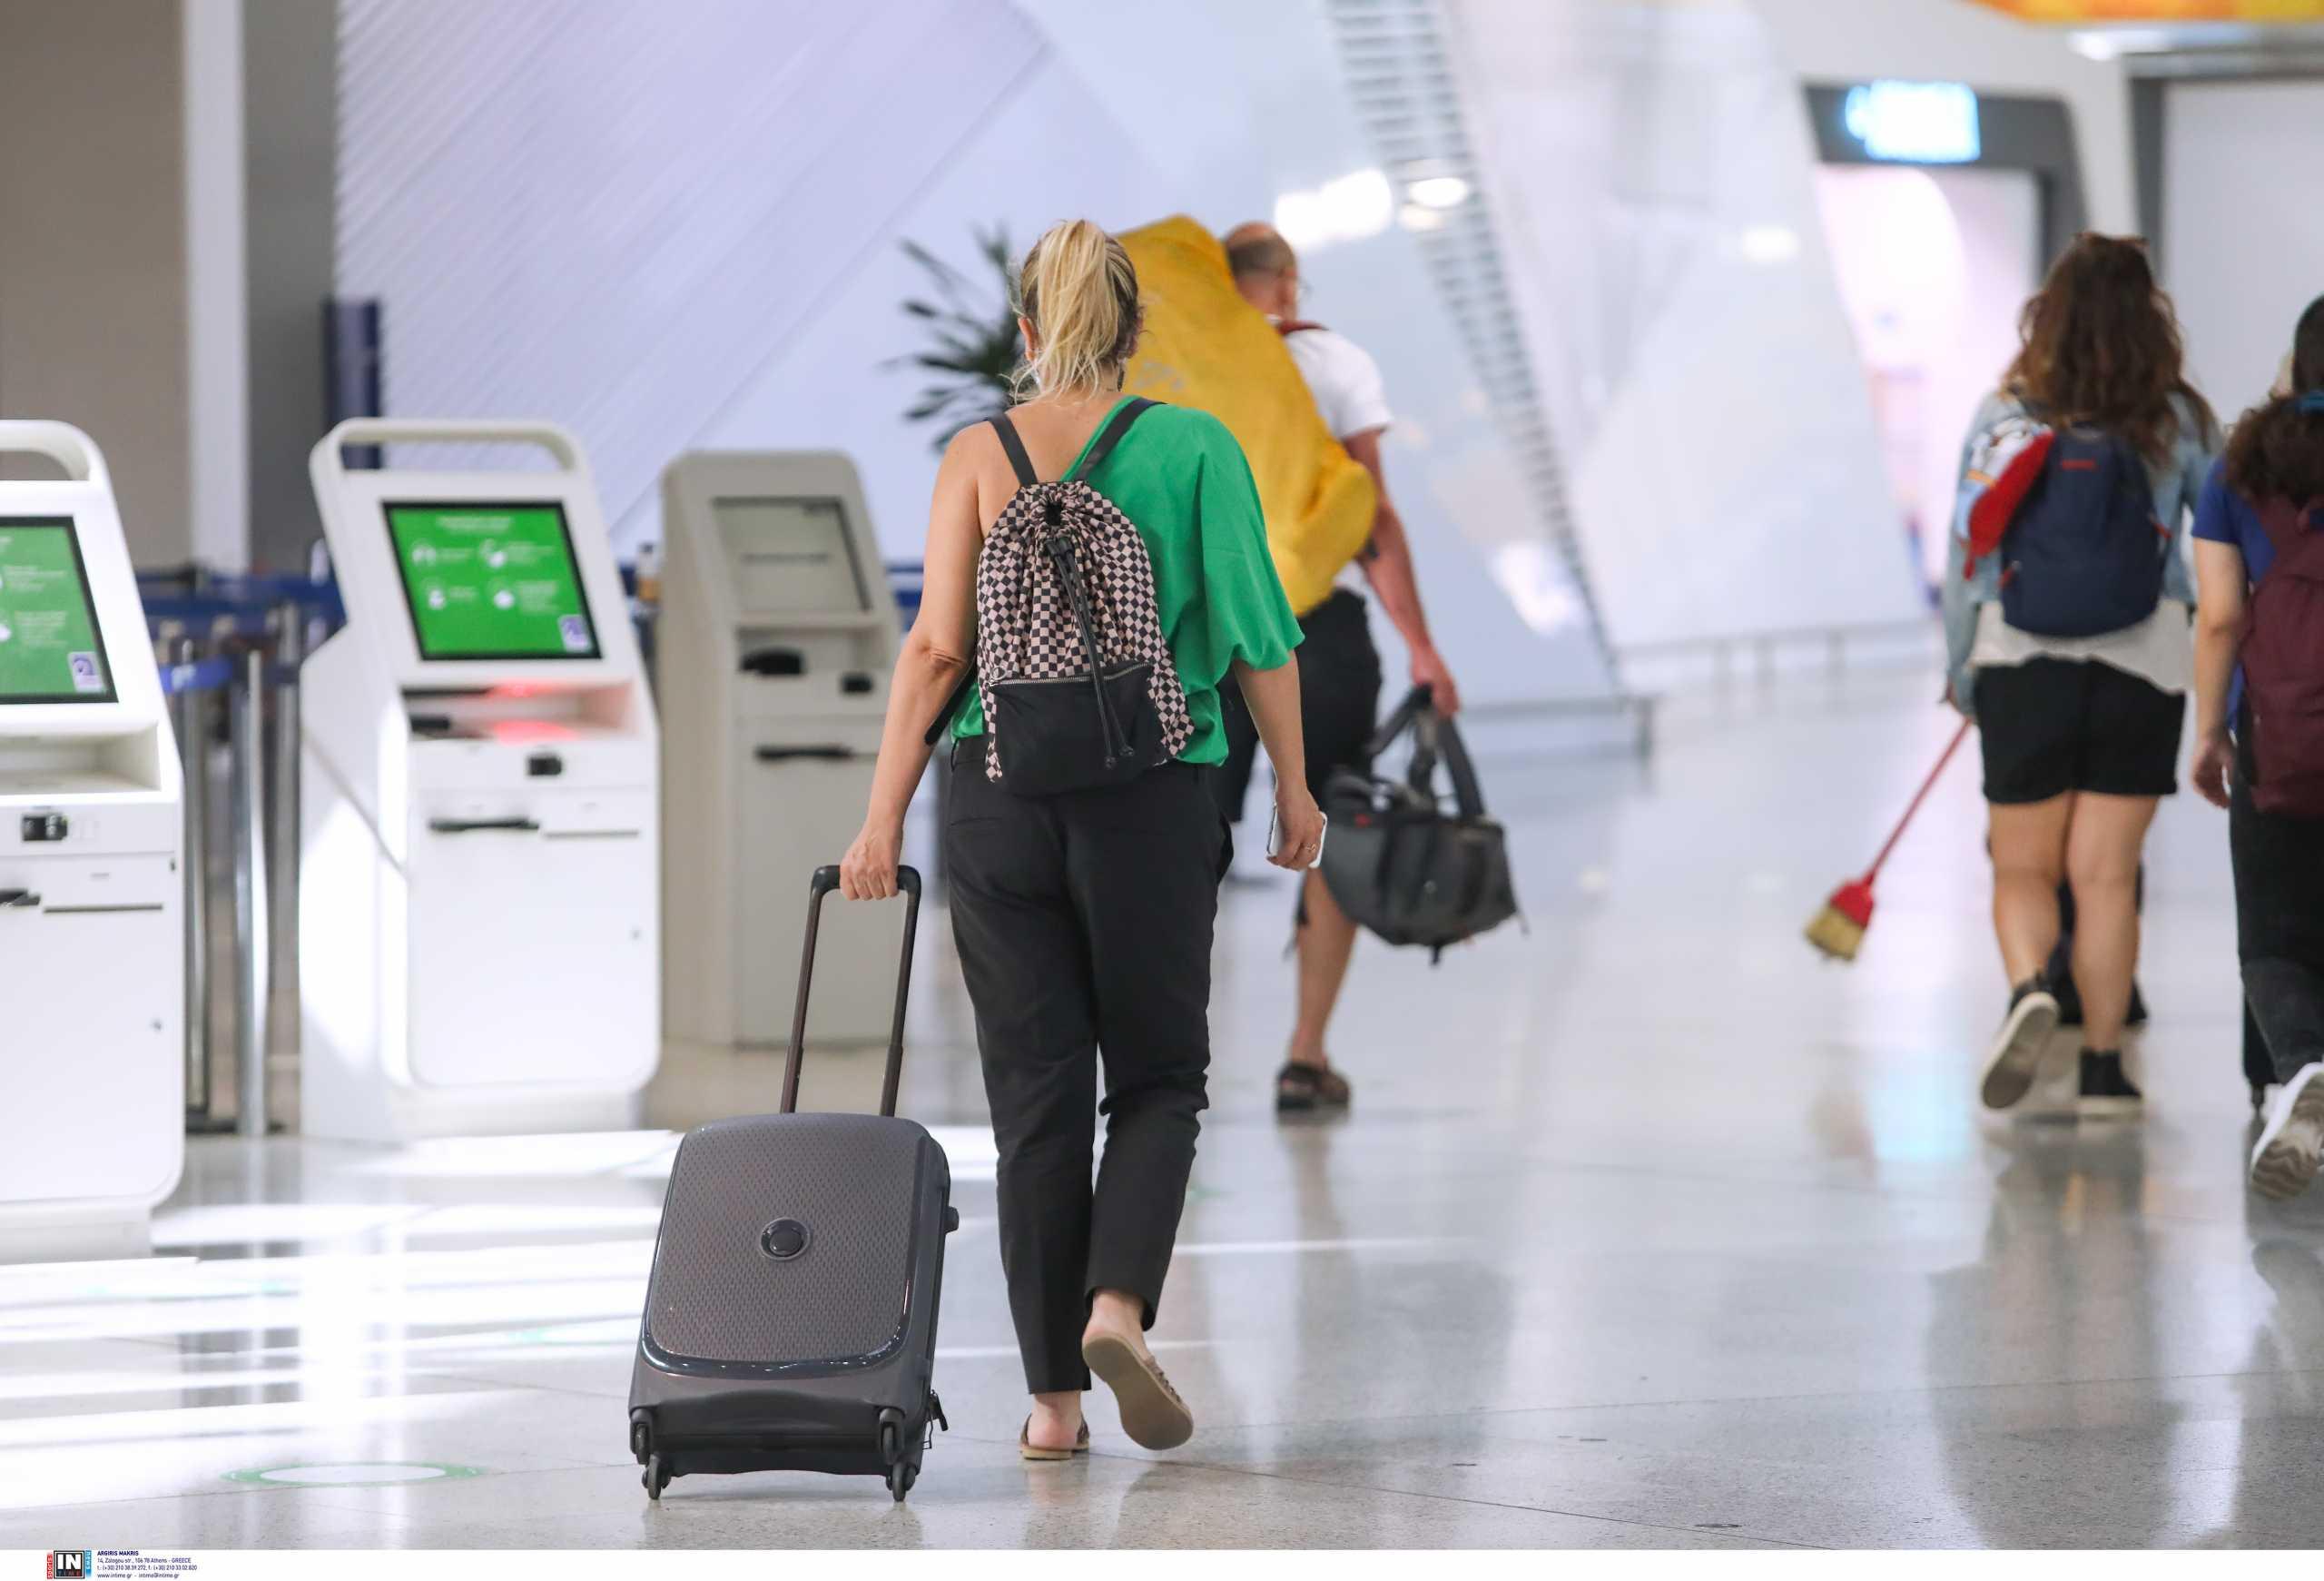 Υπηρεσία Πολιτικής Αεροπορίας: Ανακοίνωσε επίσημα την τροποποίηση για τους Ρώσους ταξιδιώτες